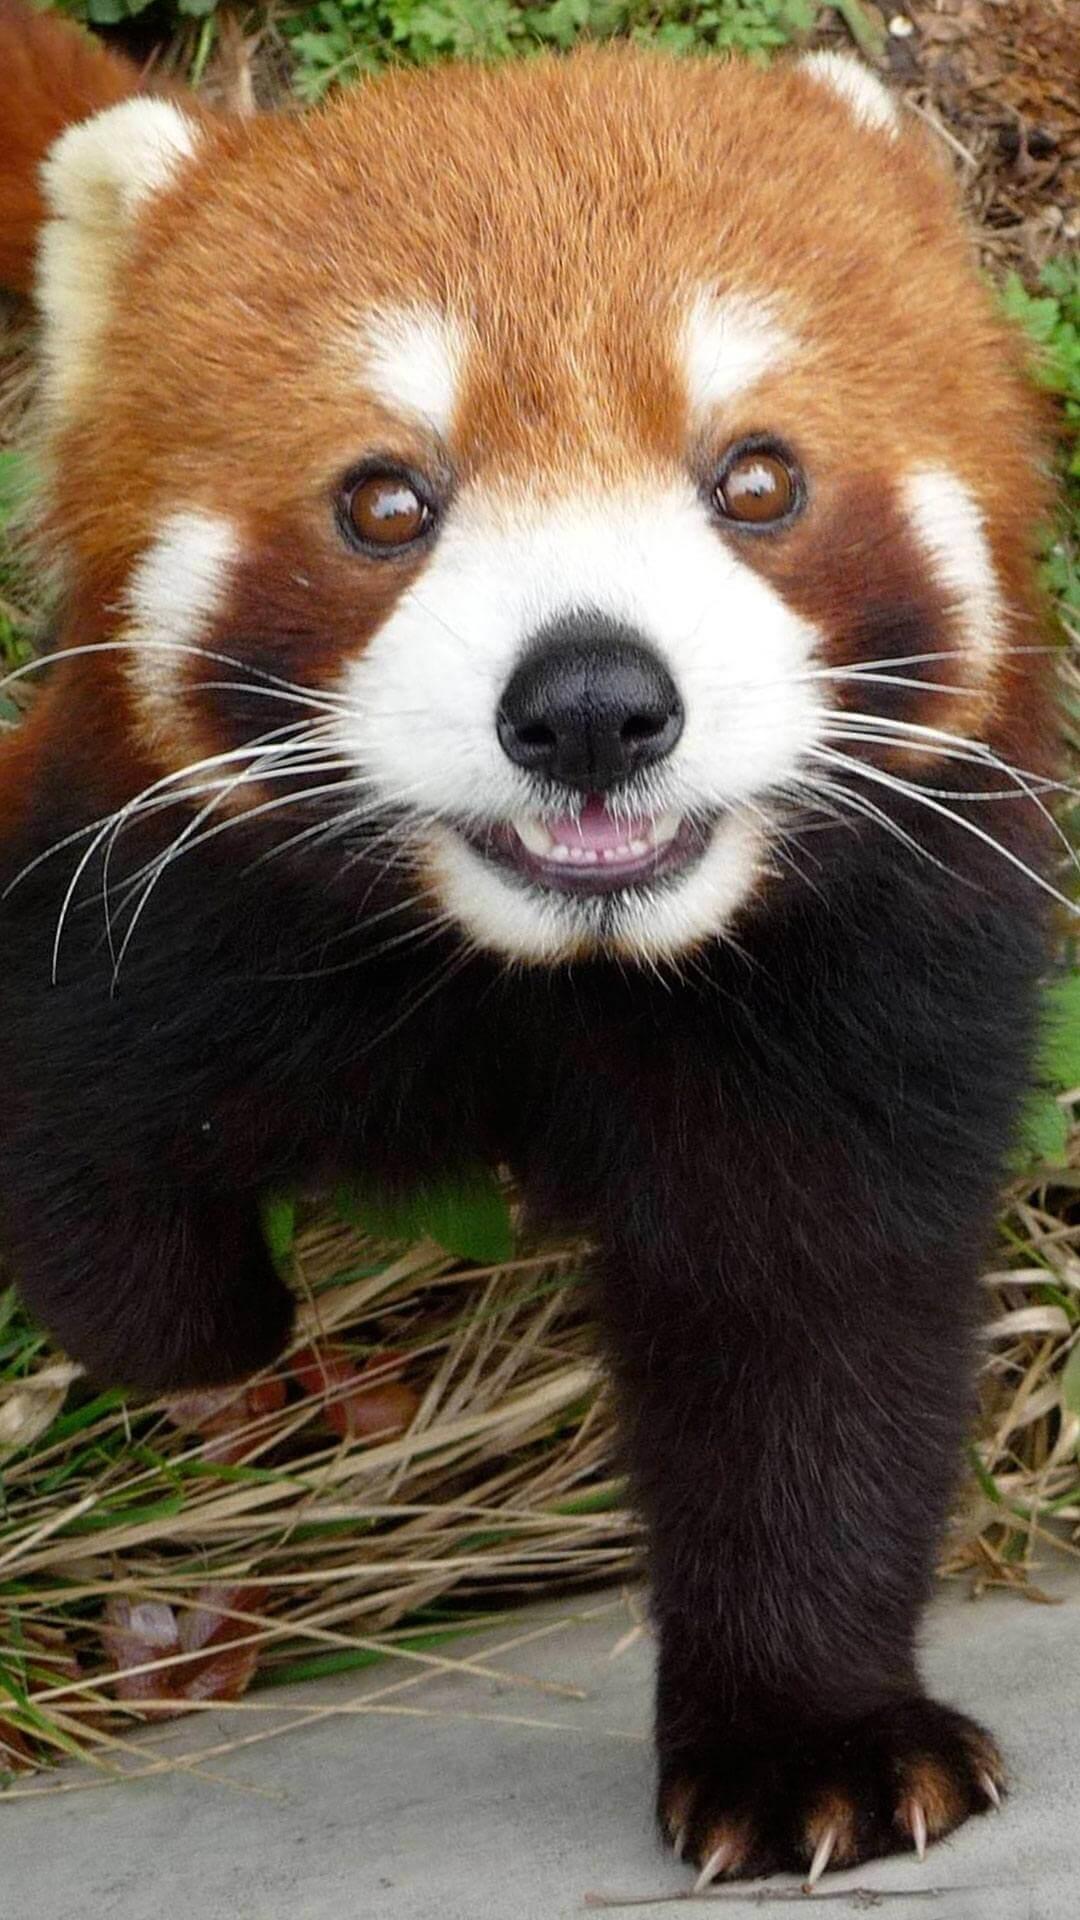 Cute Red Panda Wallpaper iPhone HD